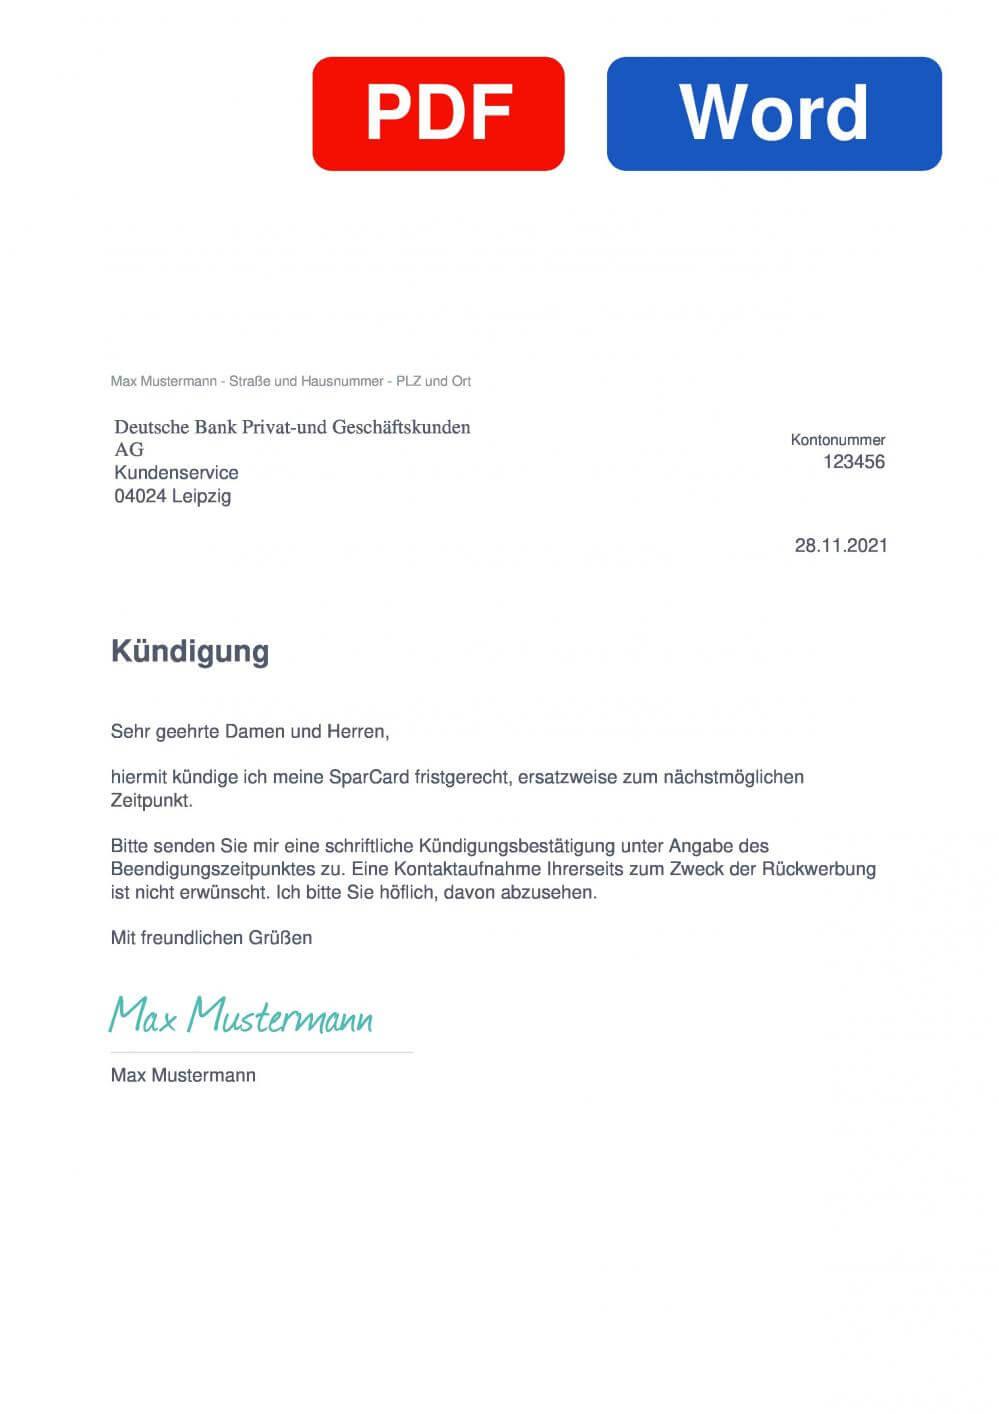 Deutsche Bank SparCard Muster Vorlage für Kündigungsschreiben